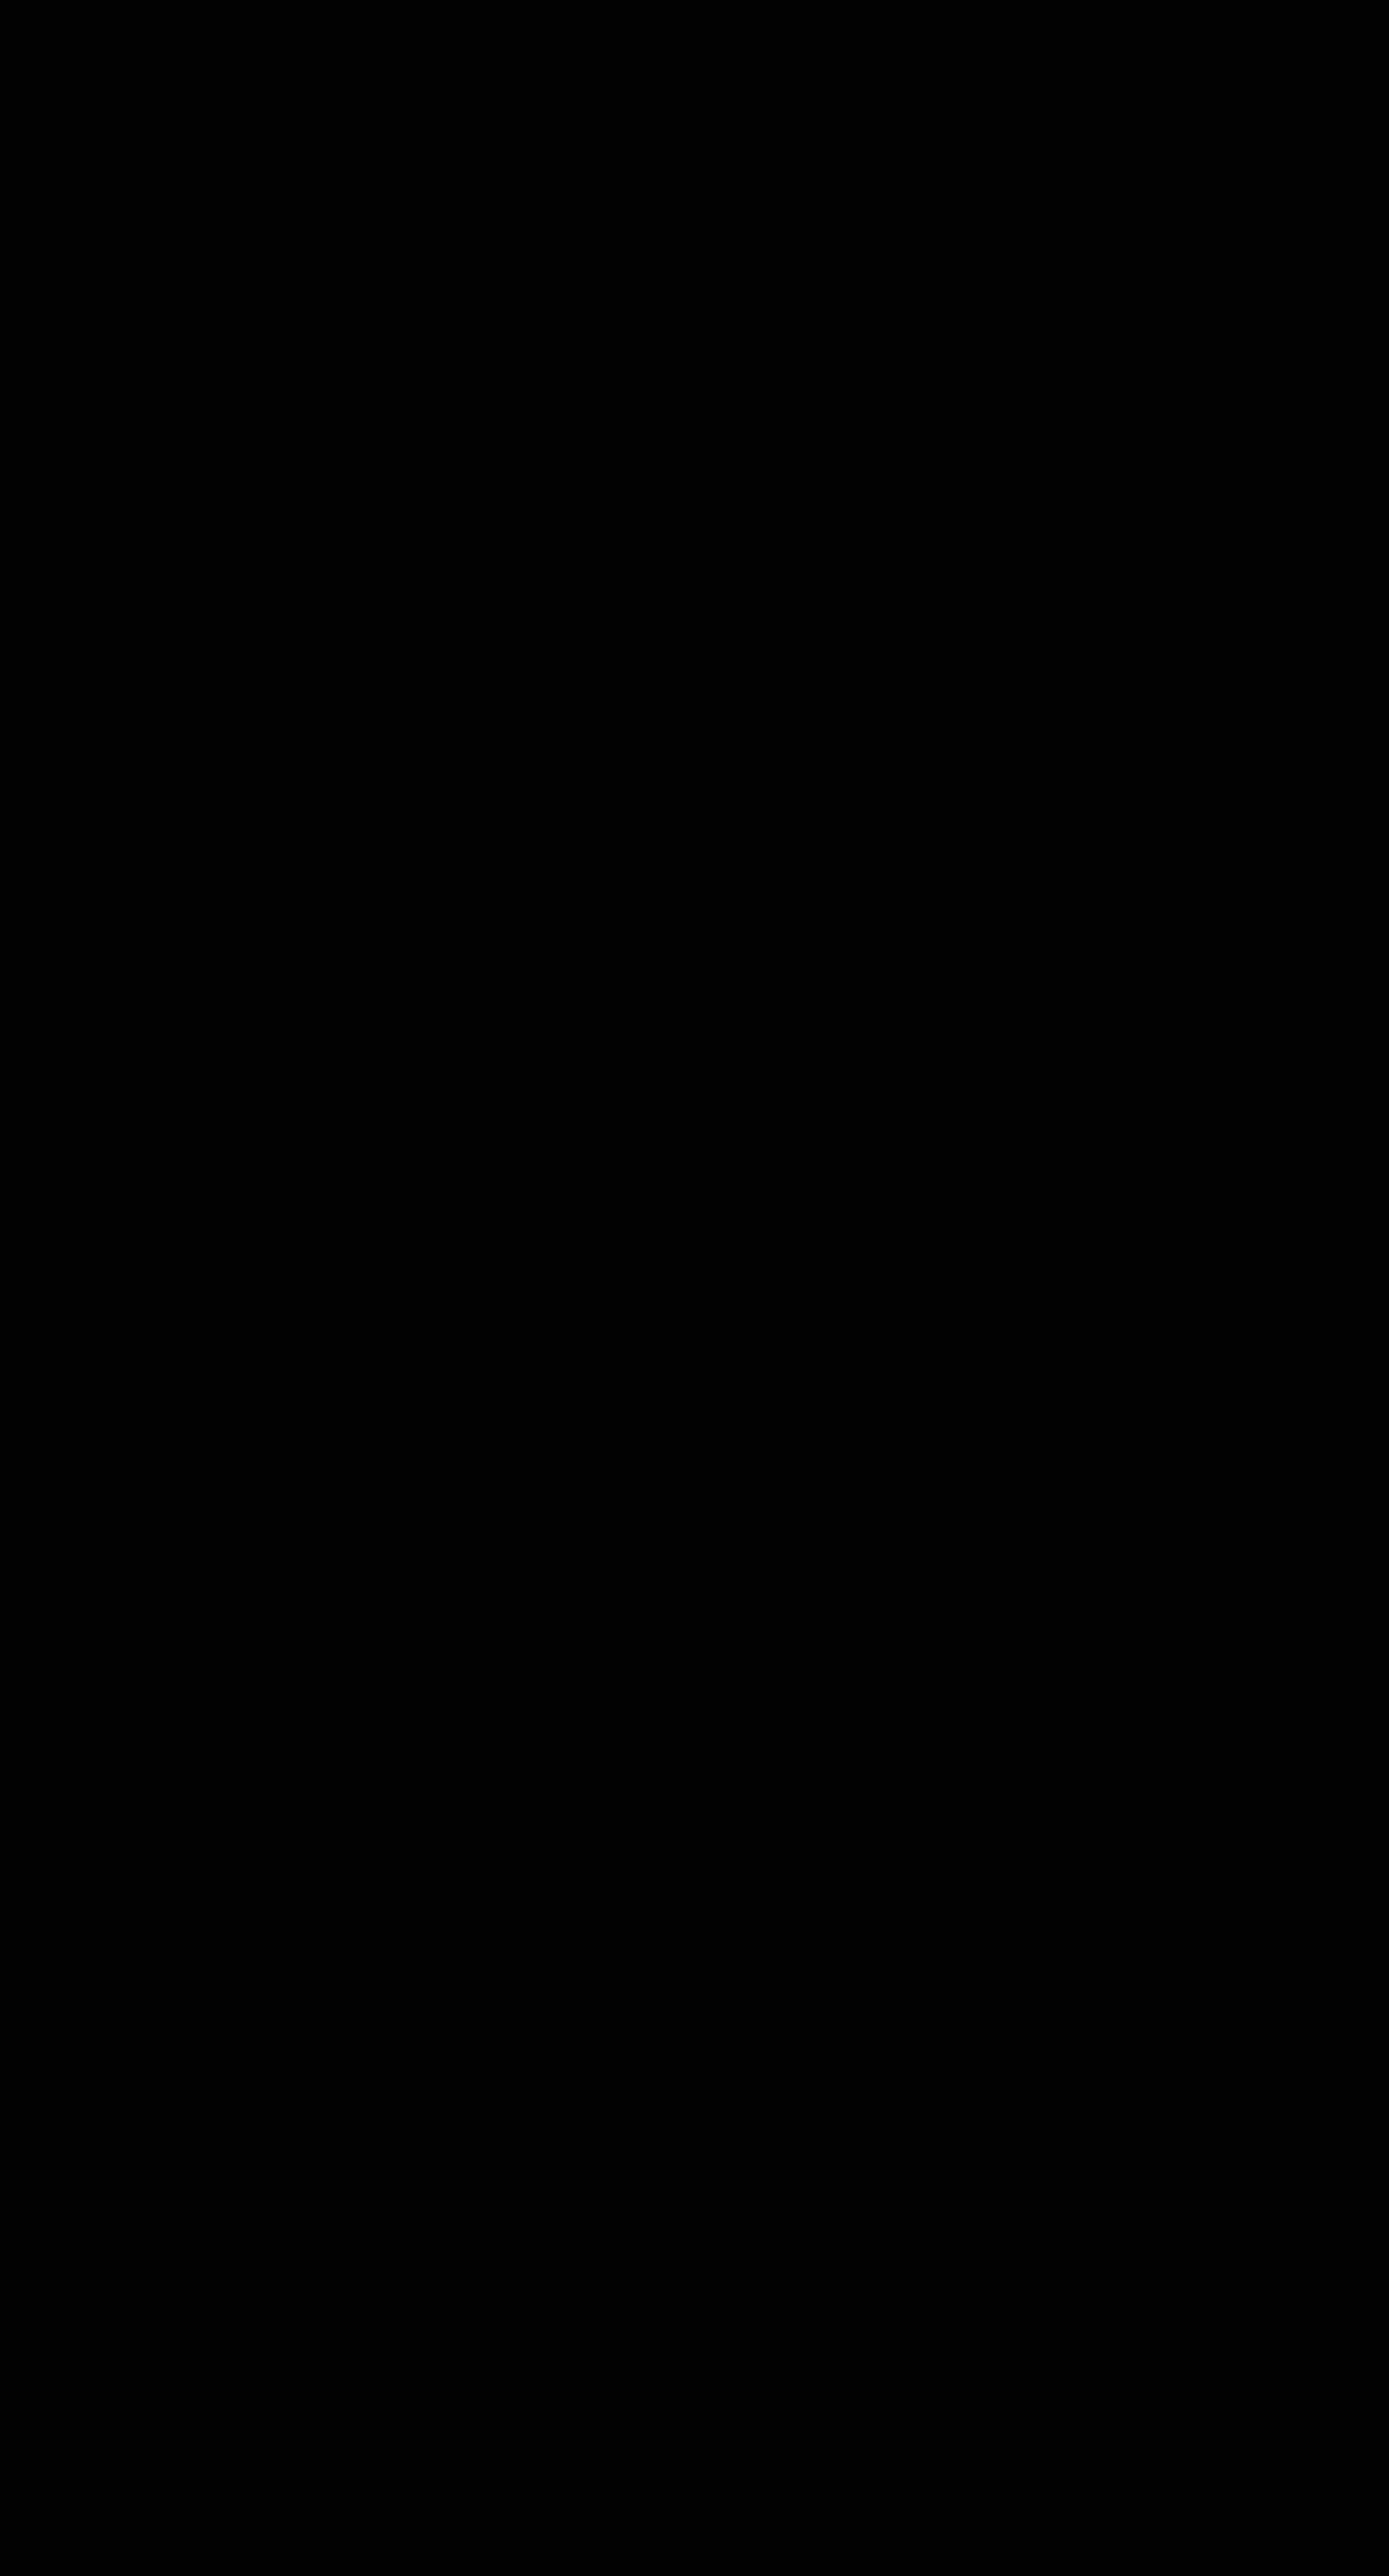 Wallpaper iphone hitam - Hitam Iphone6s Plus Iphone6 Plus Wallpaper